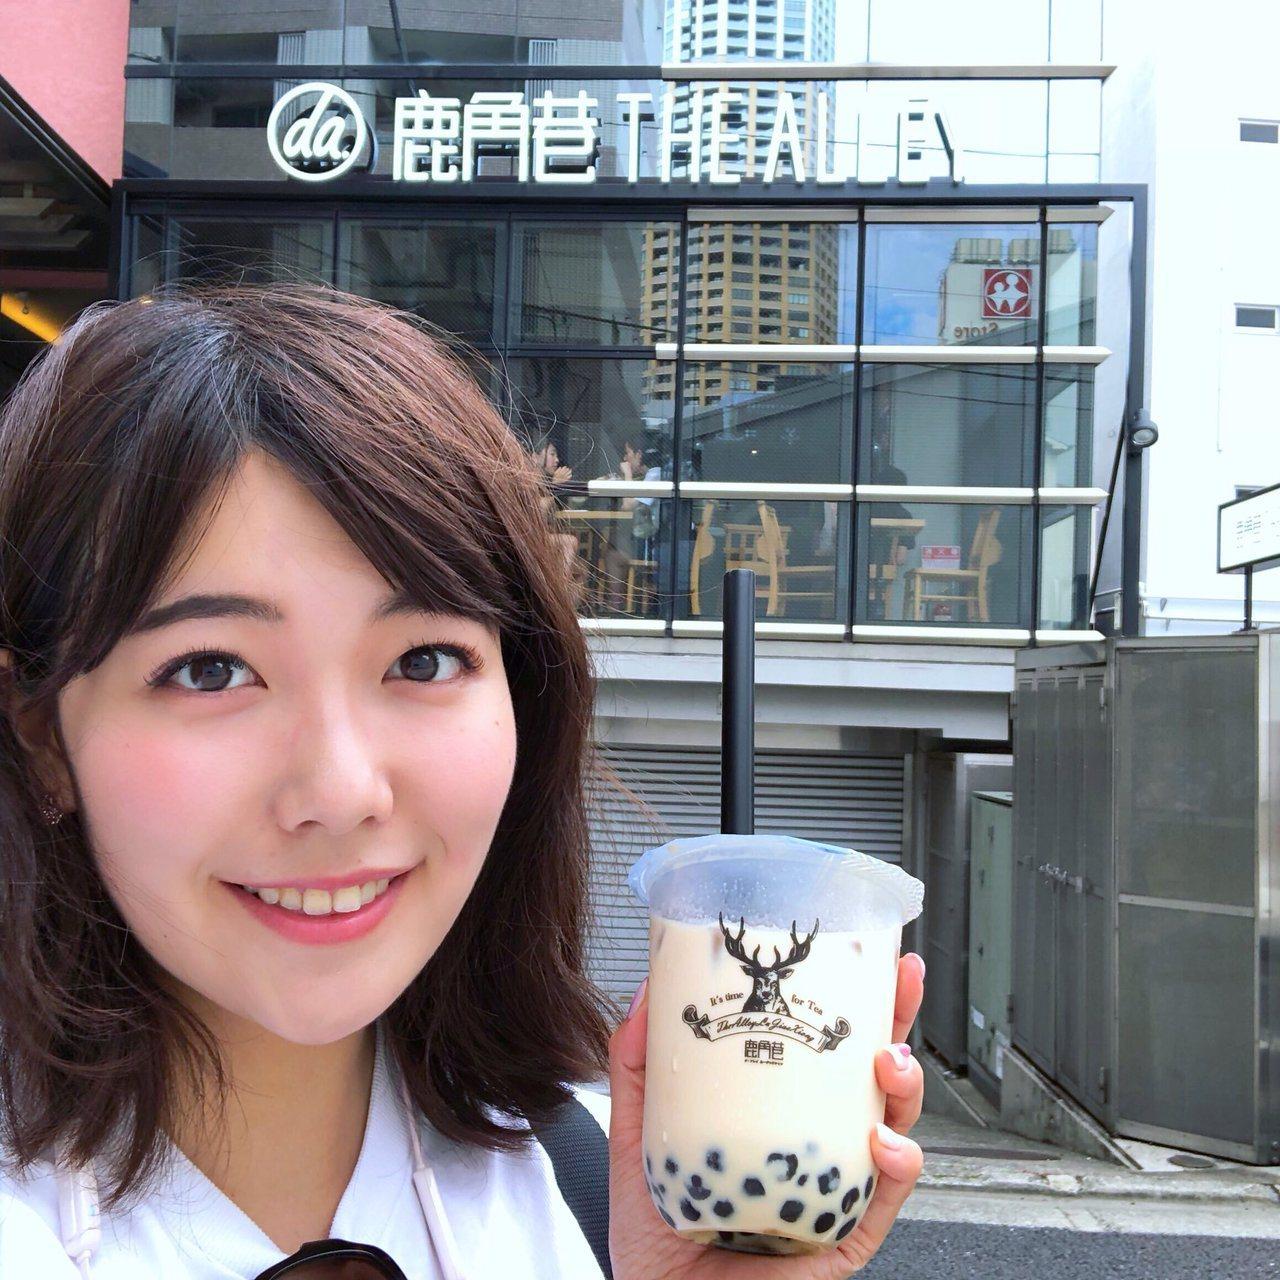 24歲的梅村實禮從中學時期開始迷戀珍奶,不但成立提倡珍奶的網站,還出書分享心得。...